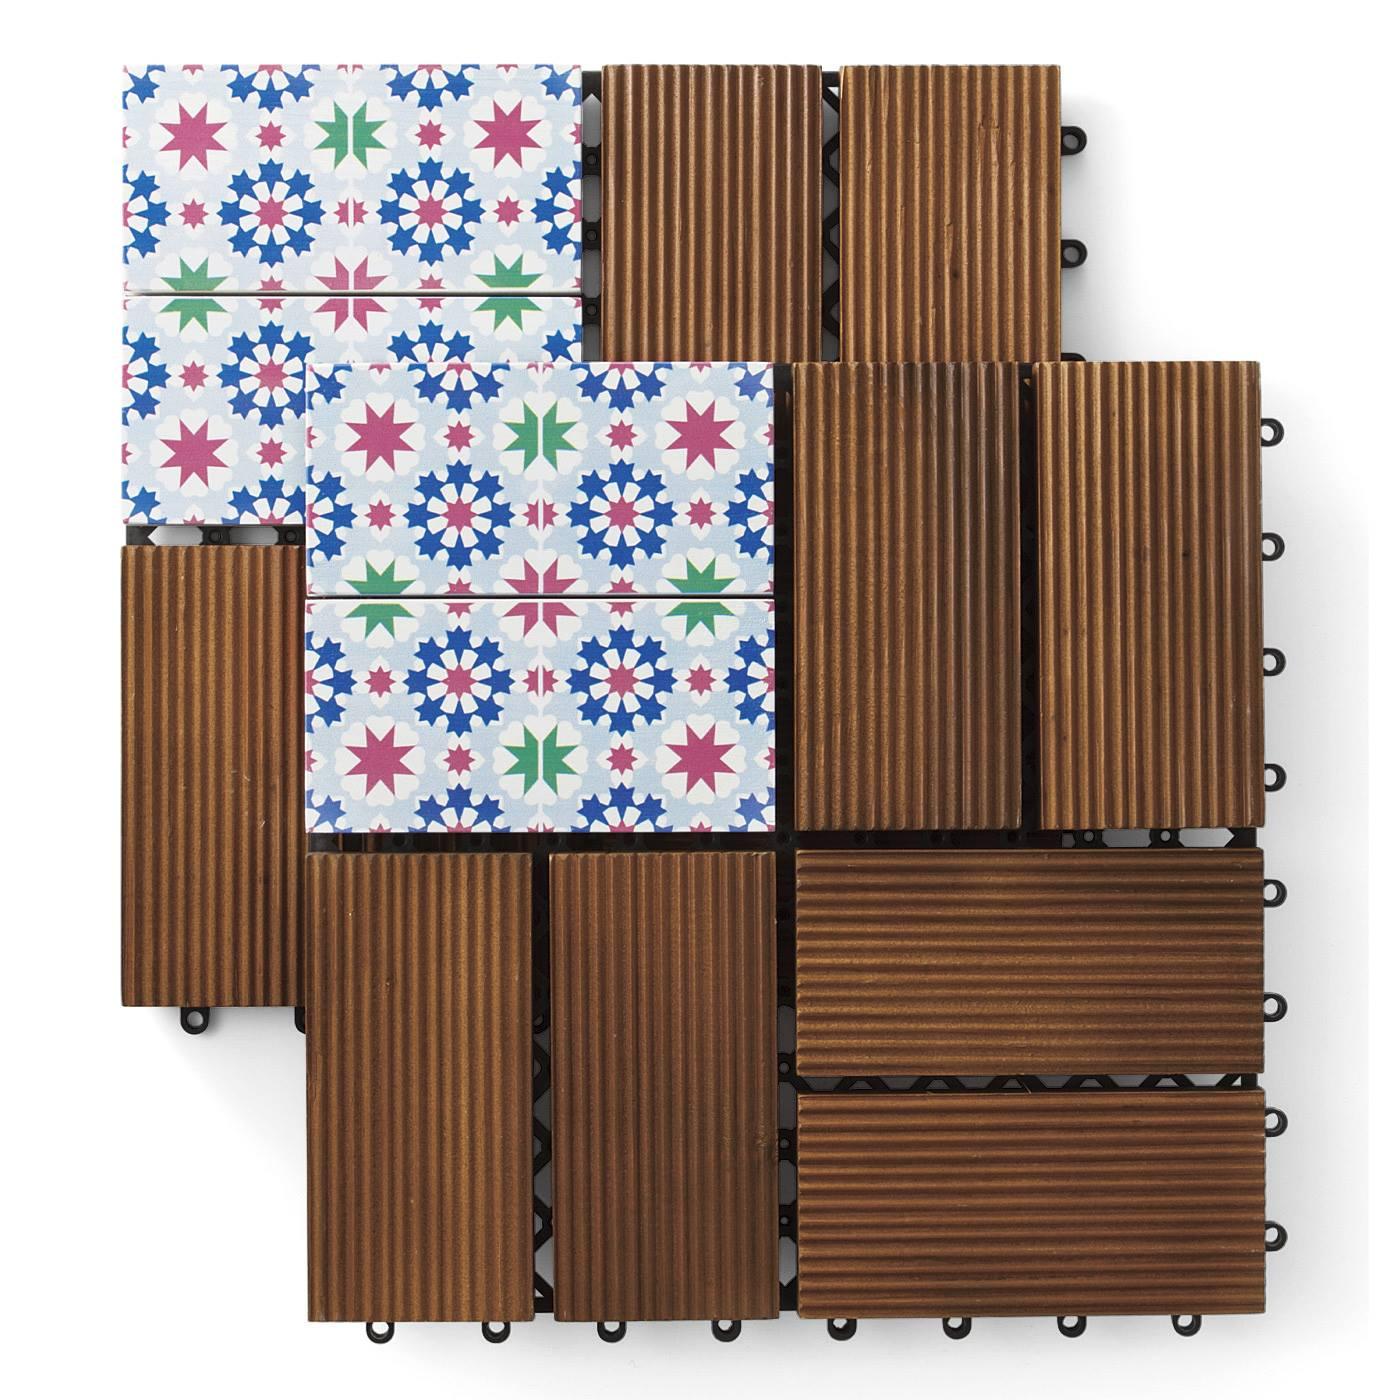 ベランダが憩いの空間に 楽しい時間が始まる モザイクタイル柄のウッドパネル